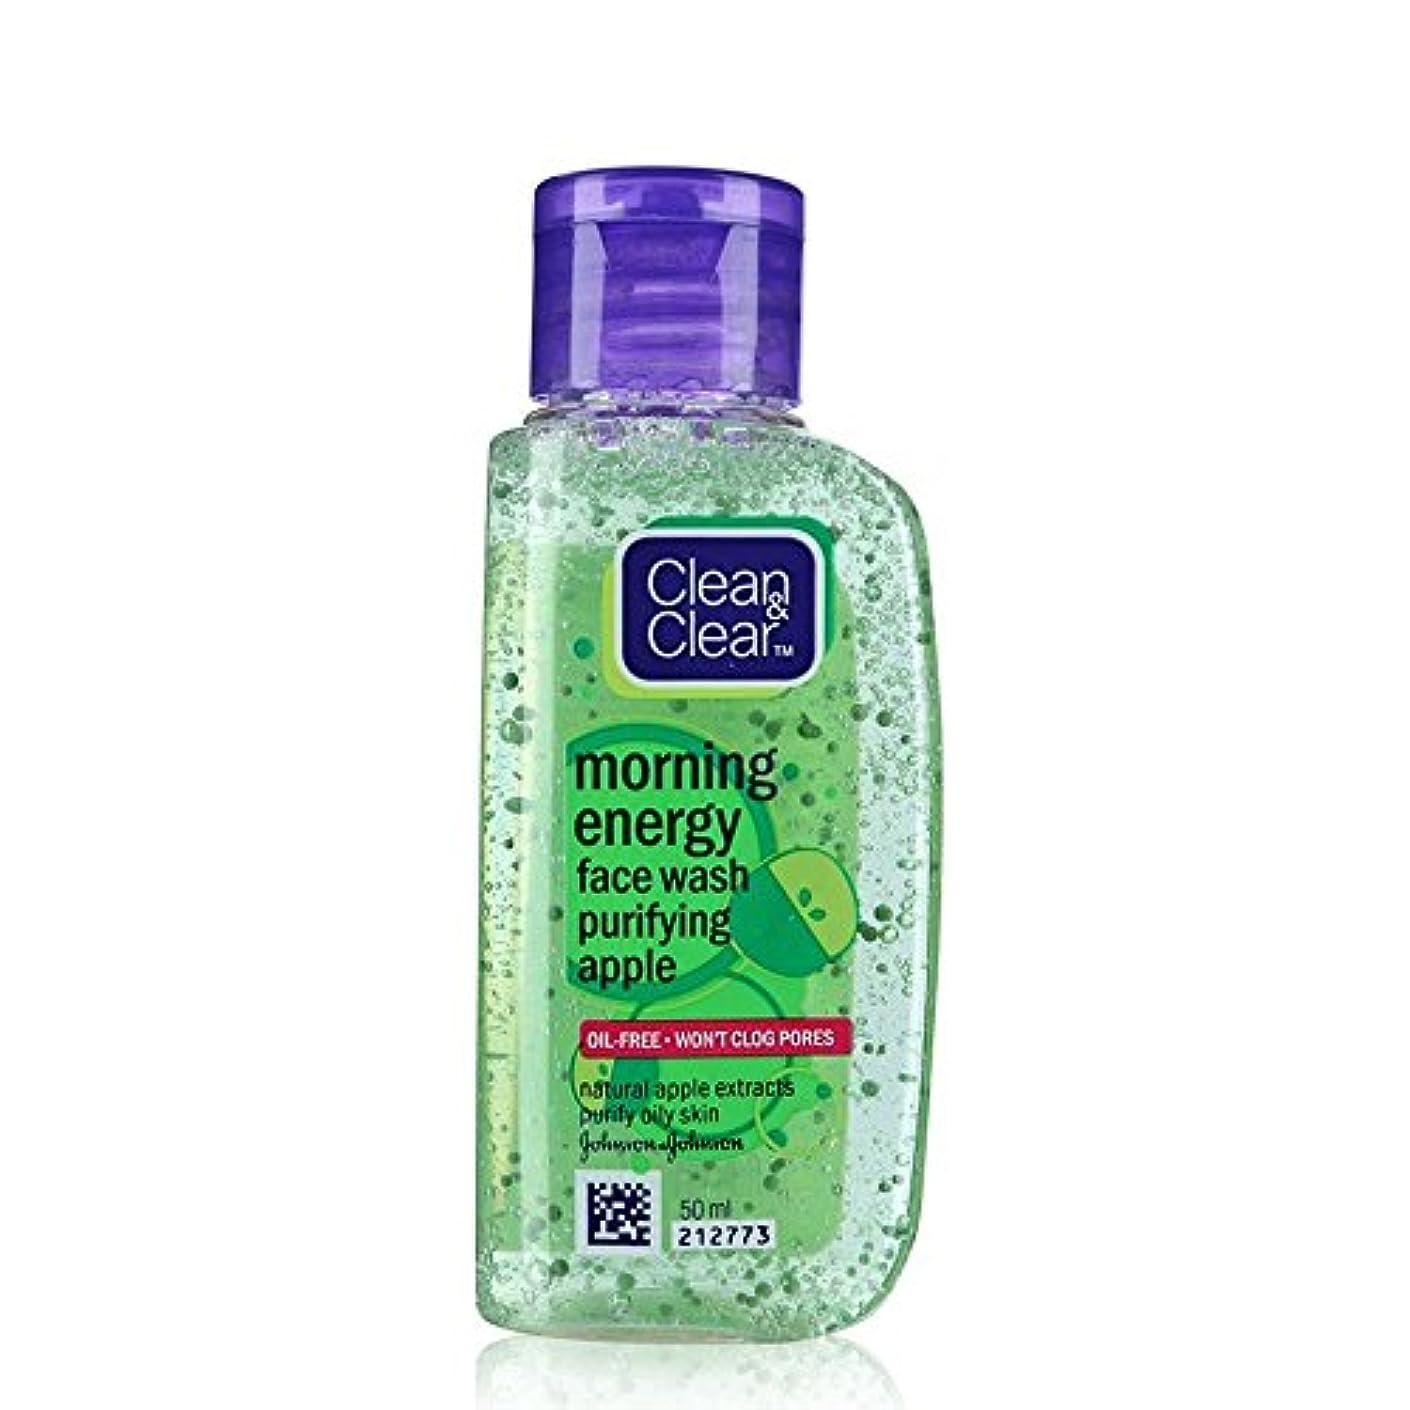 賞精査する仕方Clean & Clear Morning Energy Apple Face Wash, 50ml